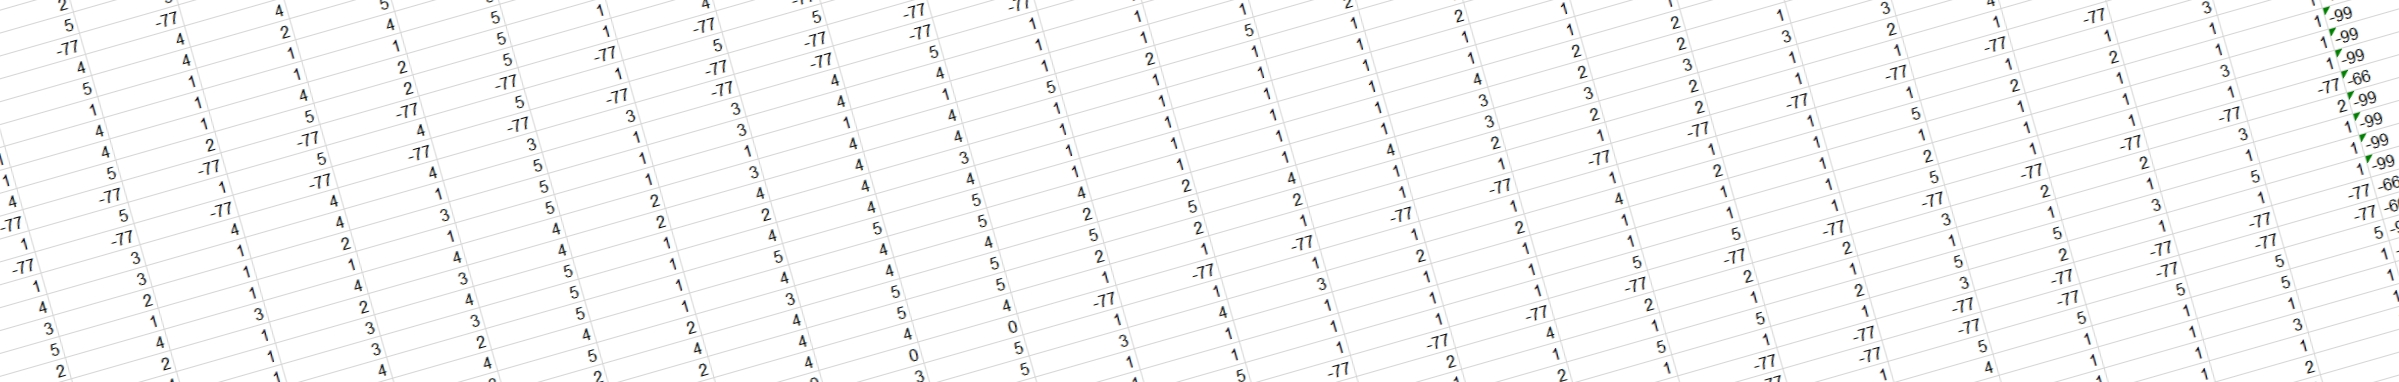 Ausschnitt aus einer Excel-Tabelle